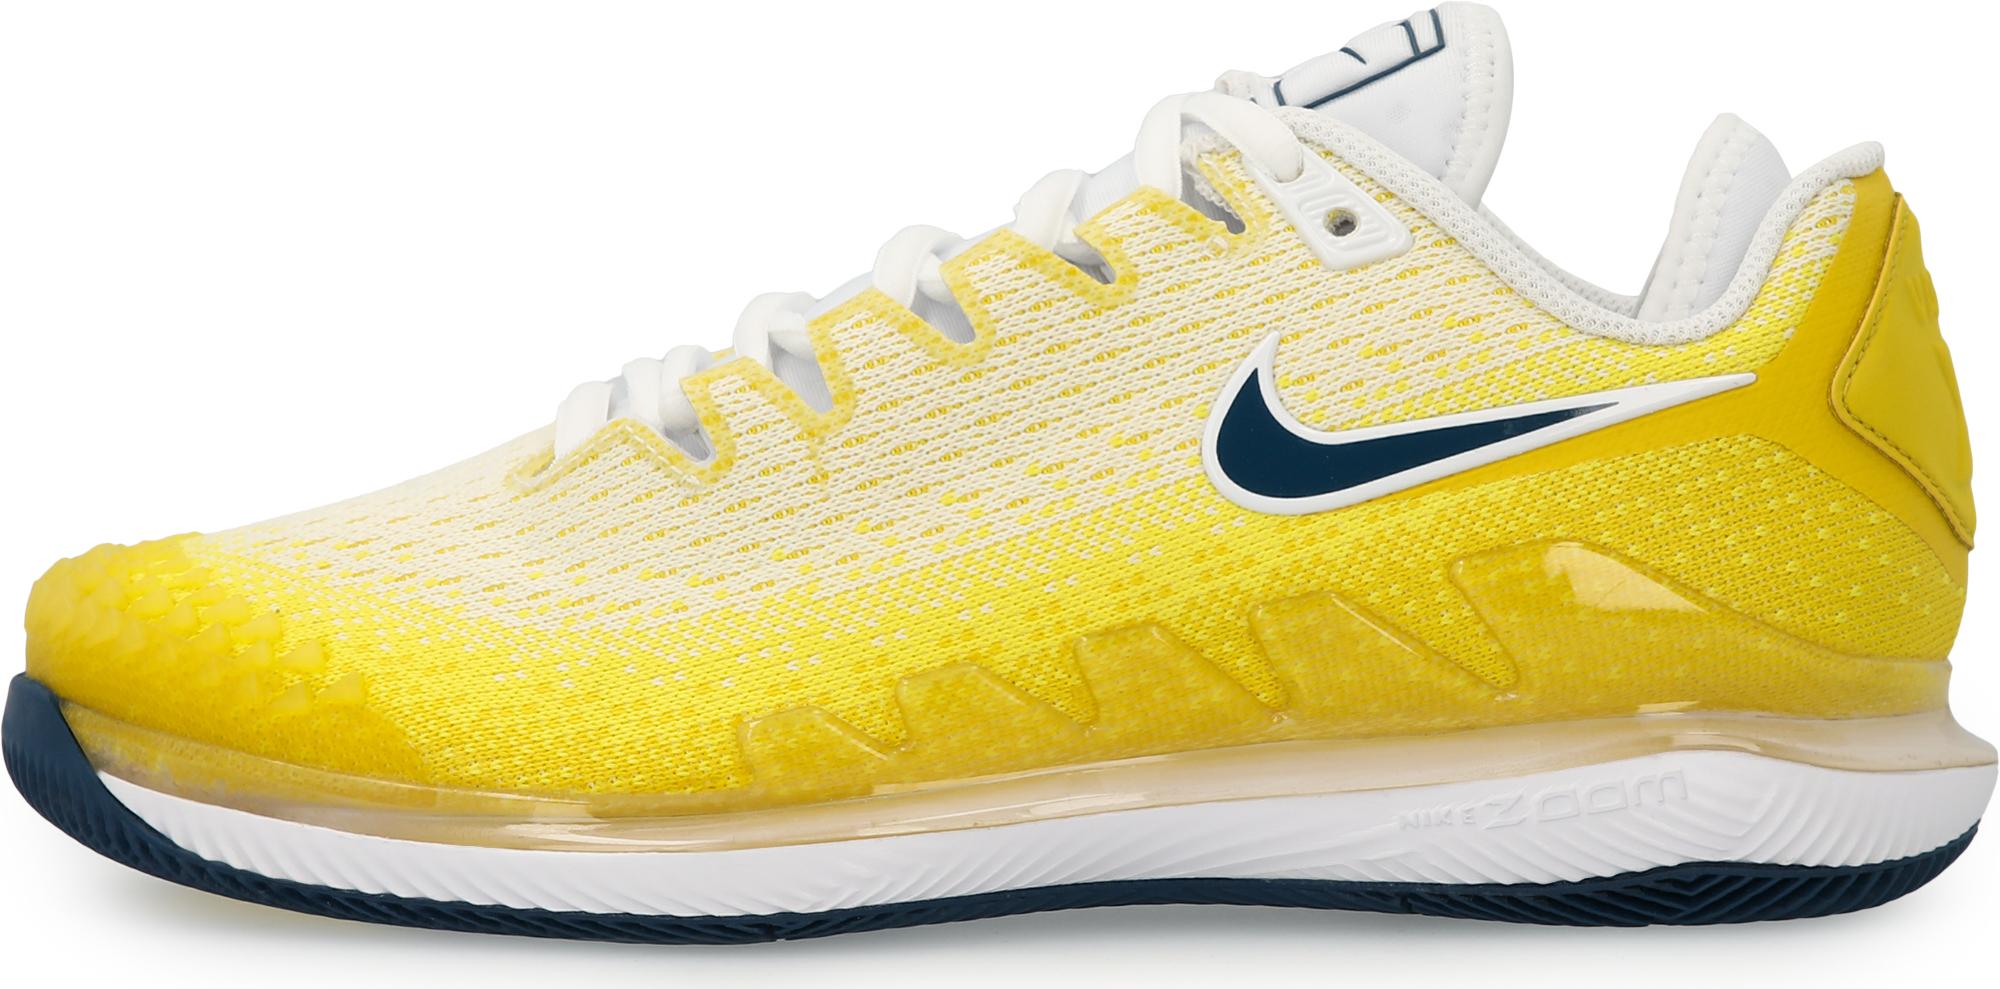 Фото - Nike Кроссовки женские Nike Air Zoom Vapor X Knit, размер 39.5 nike zoom high jump iii